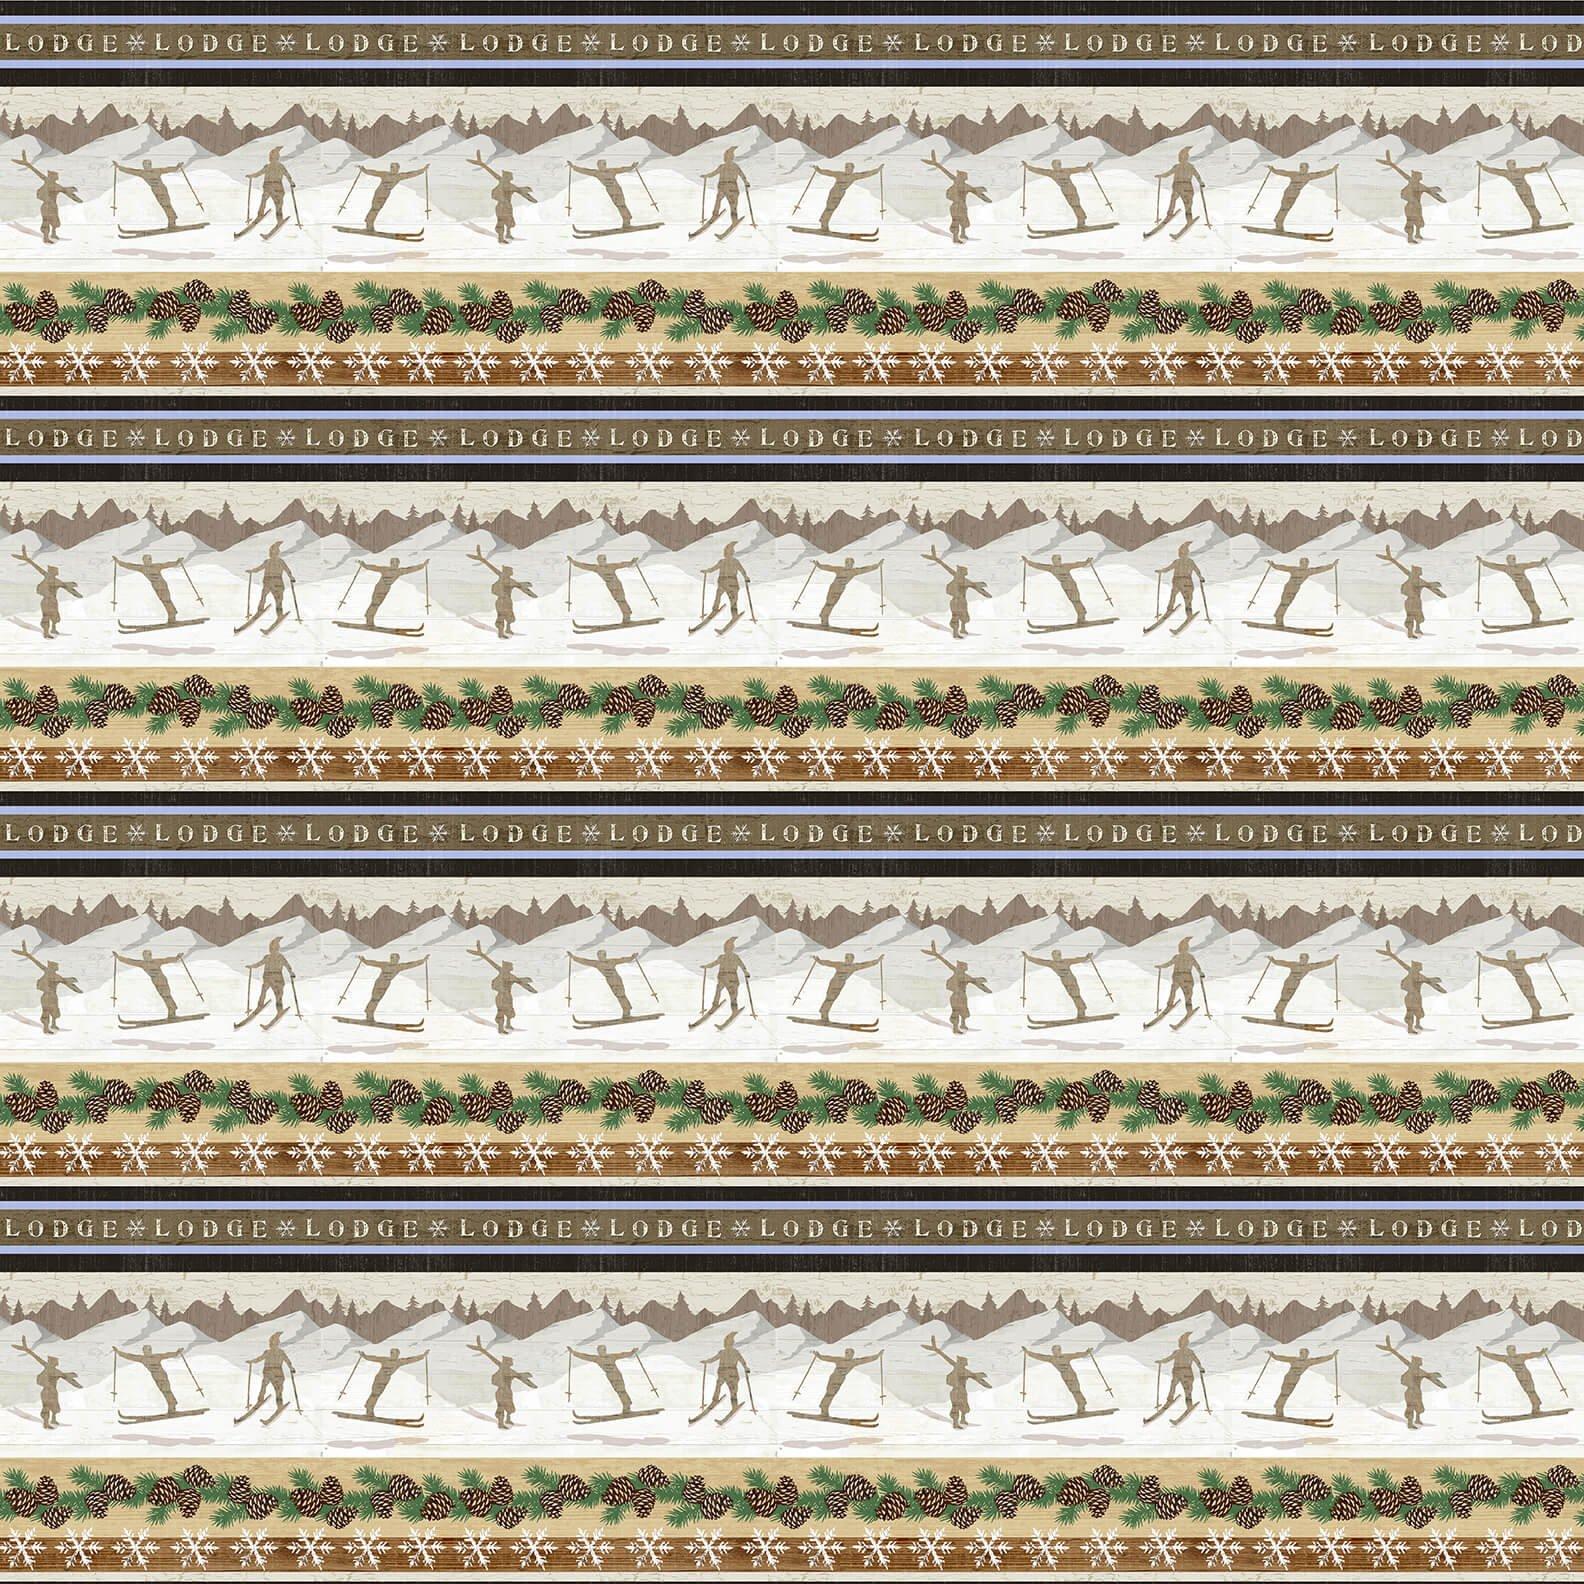 Pine Cone Lodge Flannel - Stripe 9261 33 Multi